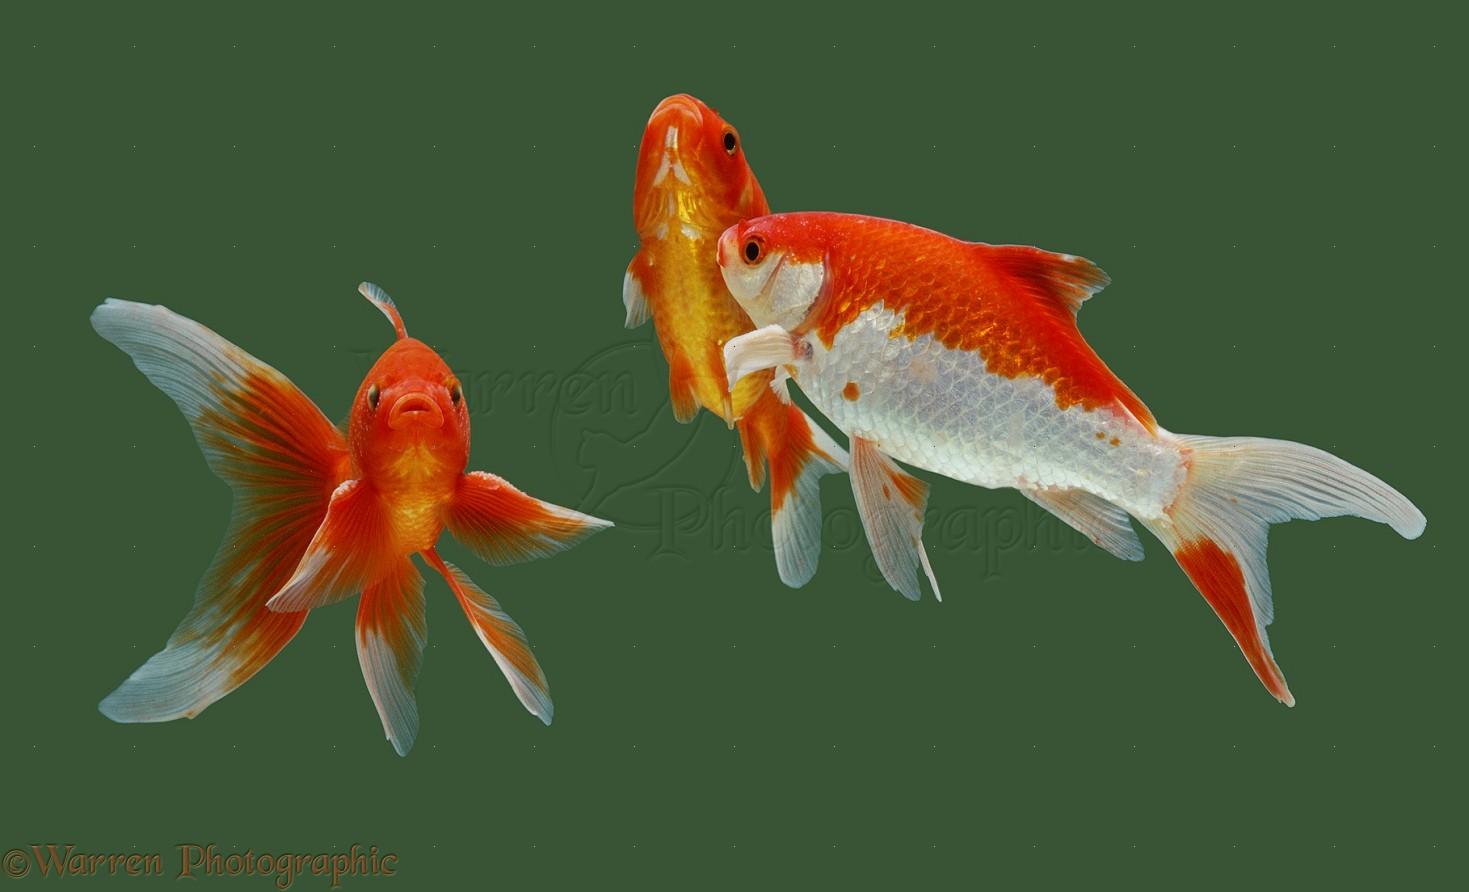 goldfish photo wp15341